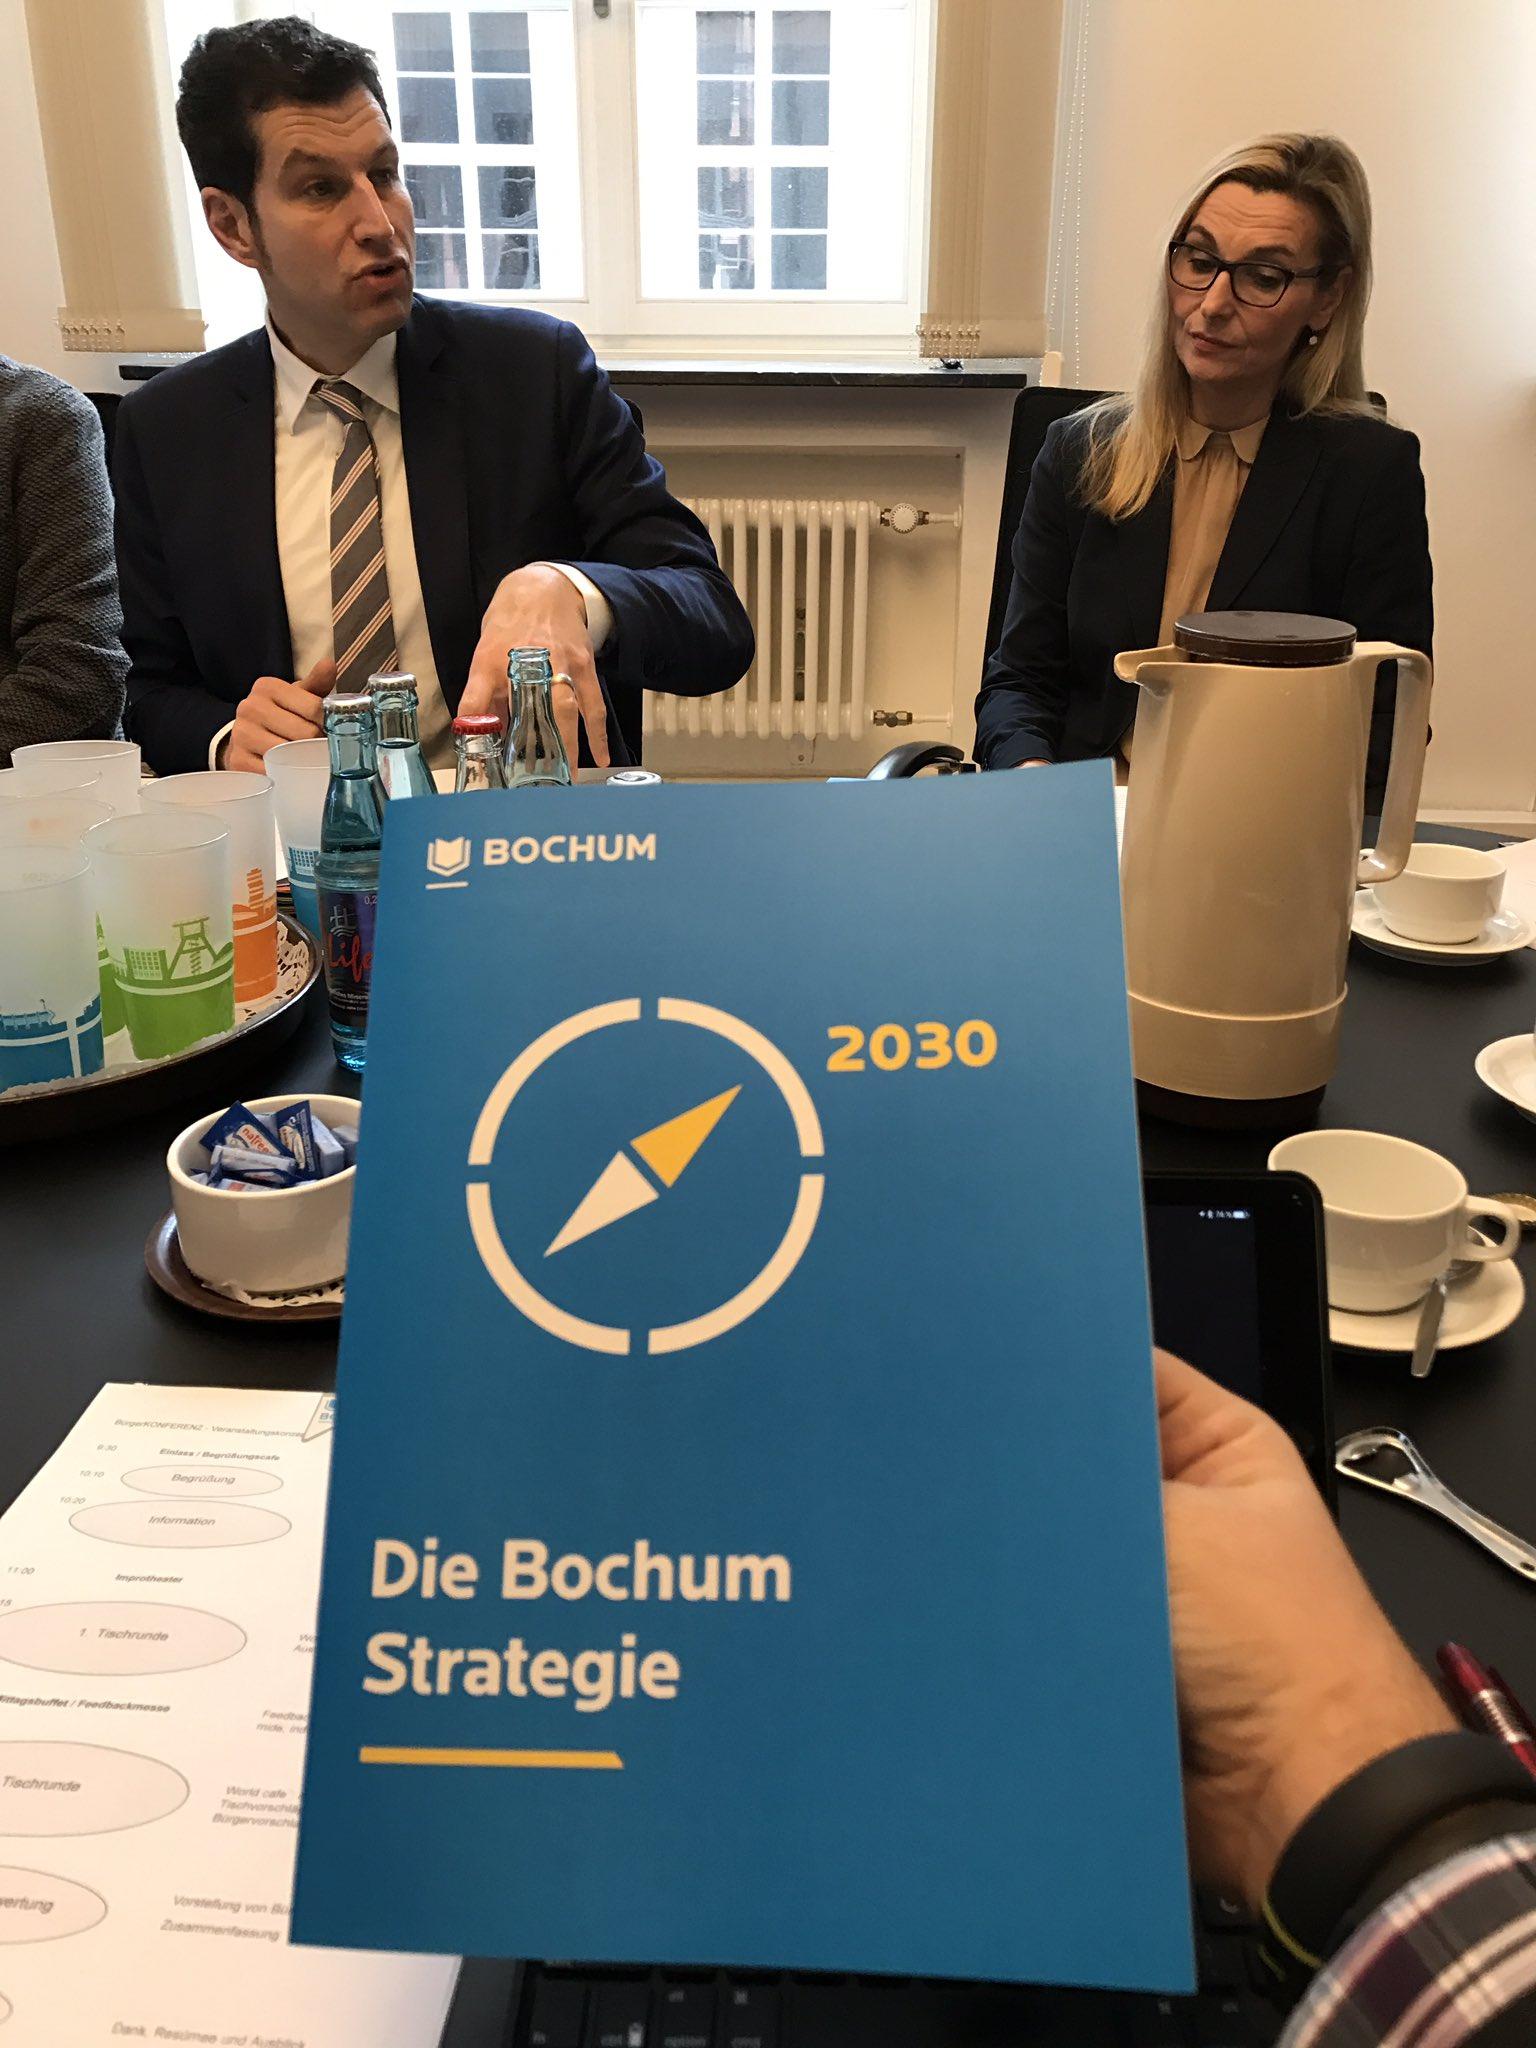 Die Bochum Strategie 2030 - wohin soll sich die Stadt @bochum_de bis 2030 entwickeln. #Bochum #BOkonferenz https://t.co/v1cz9lXKaV